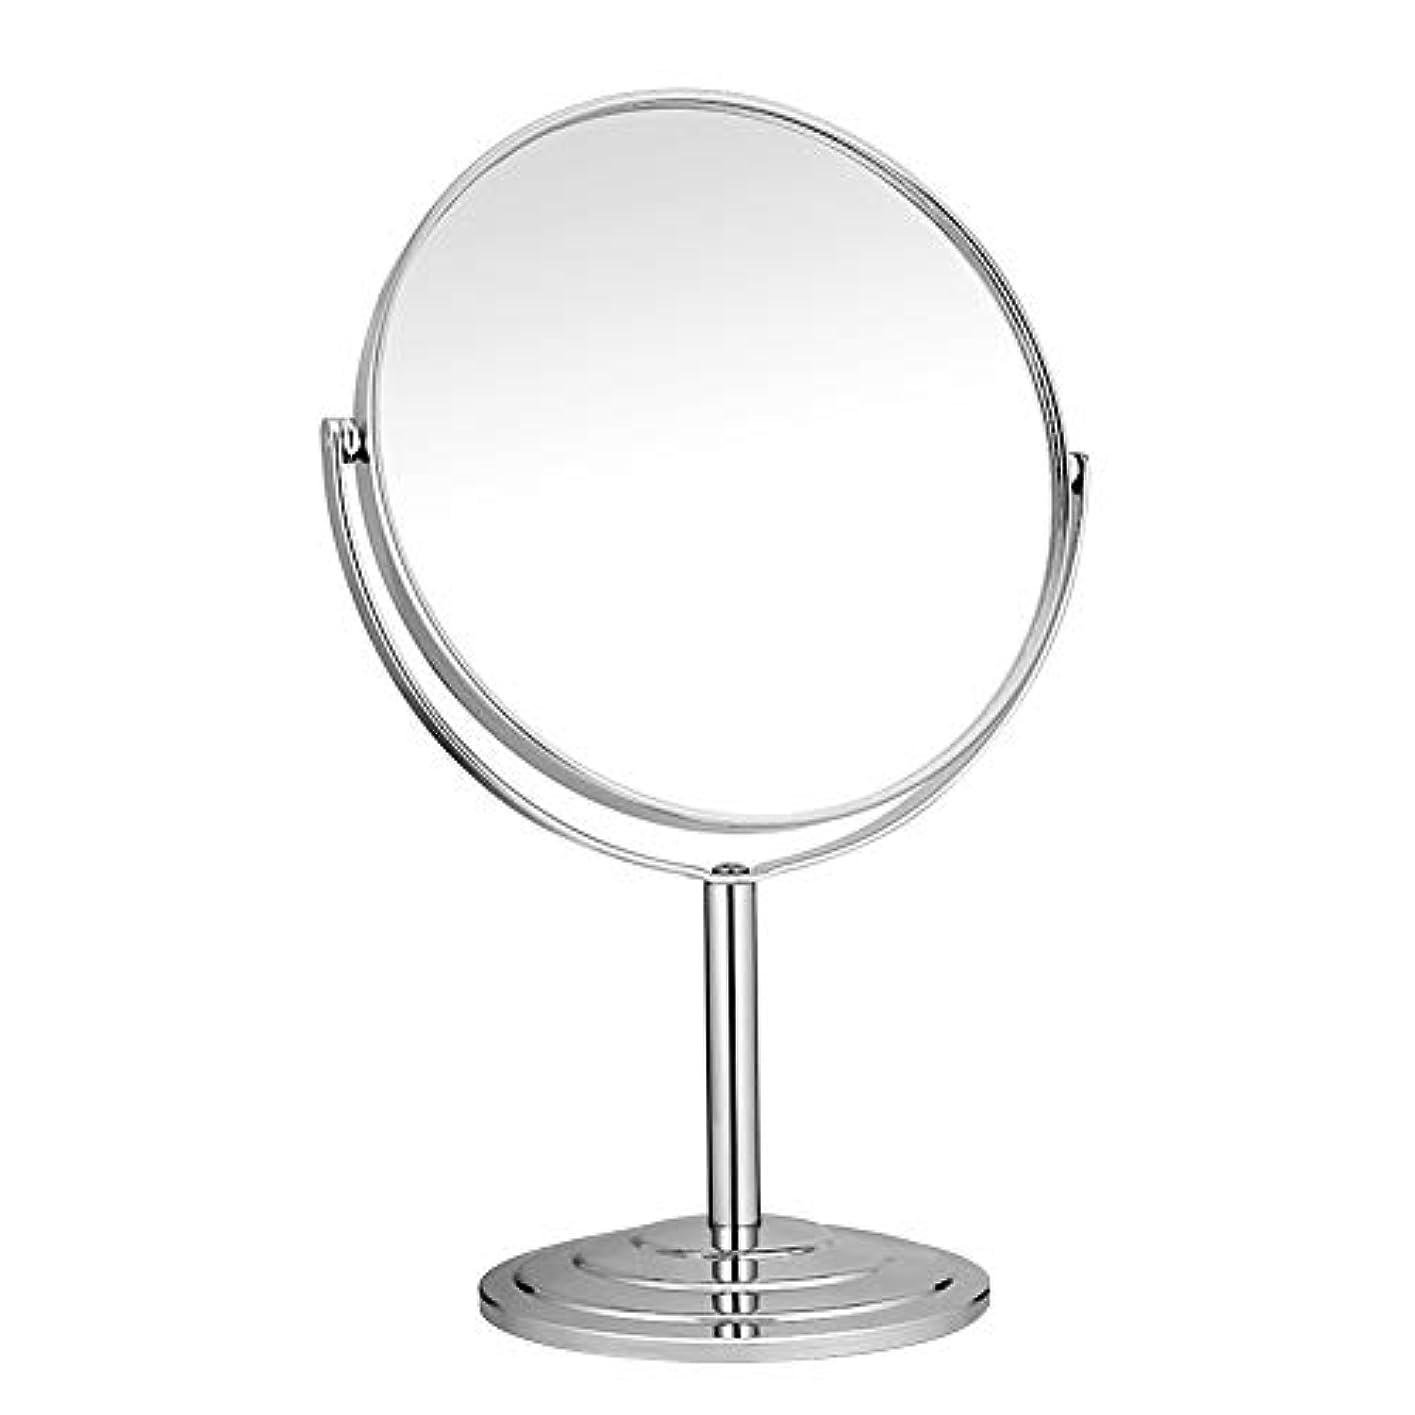 シーボードの送料RAAKIMO 卓上化粧鏡 メイクミラー 3倍拡大鏡+等倍鏡 両面型 スタンド 360度回転 シルバー (鏡面15cm)